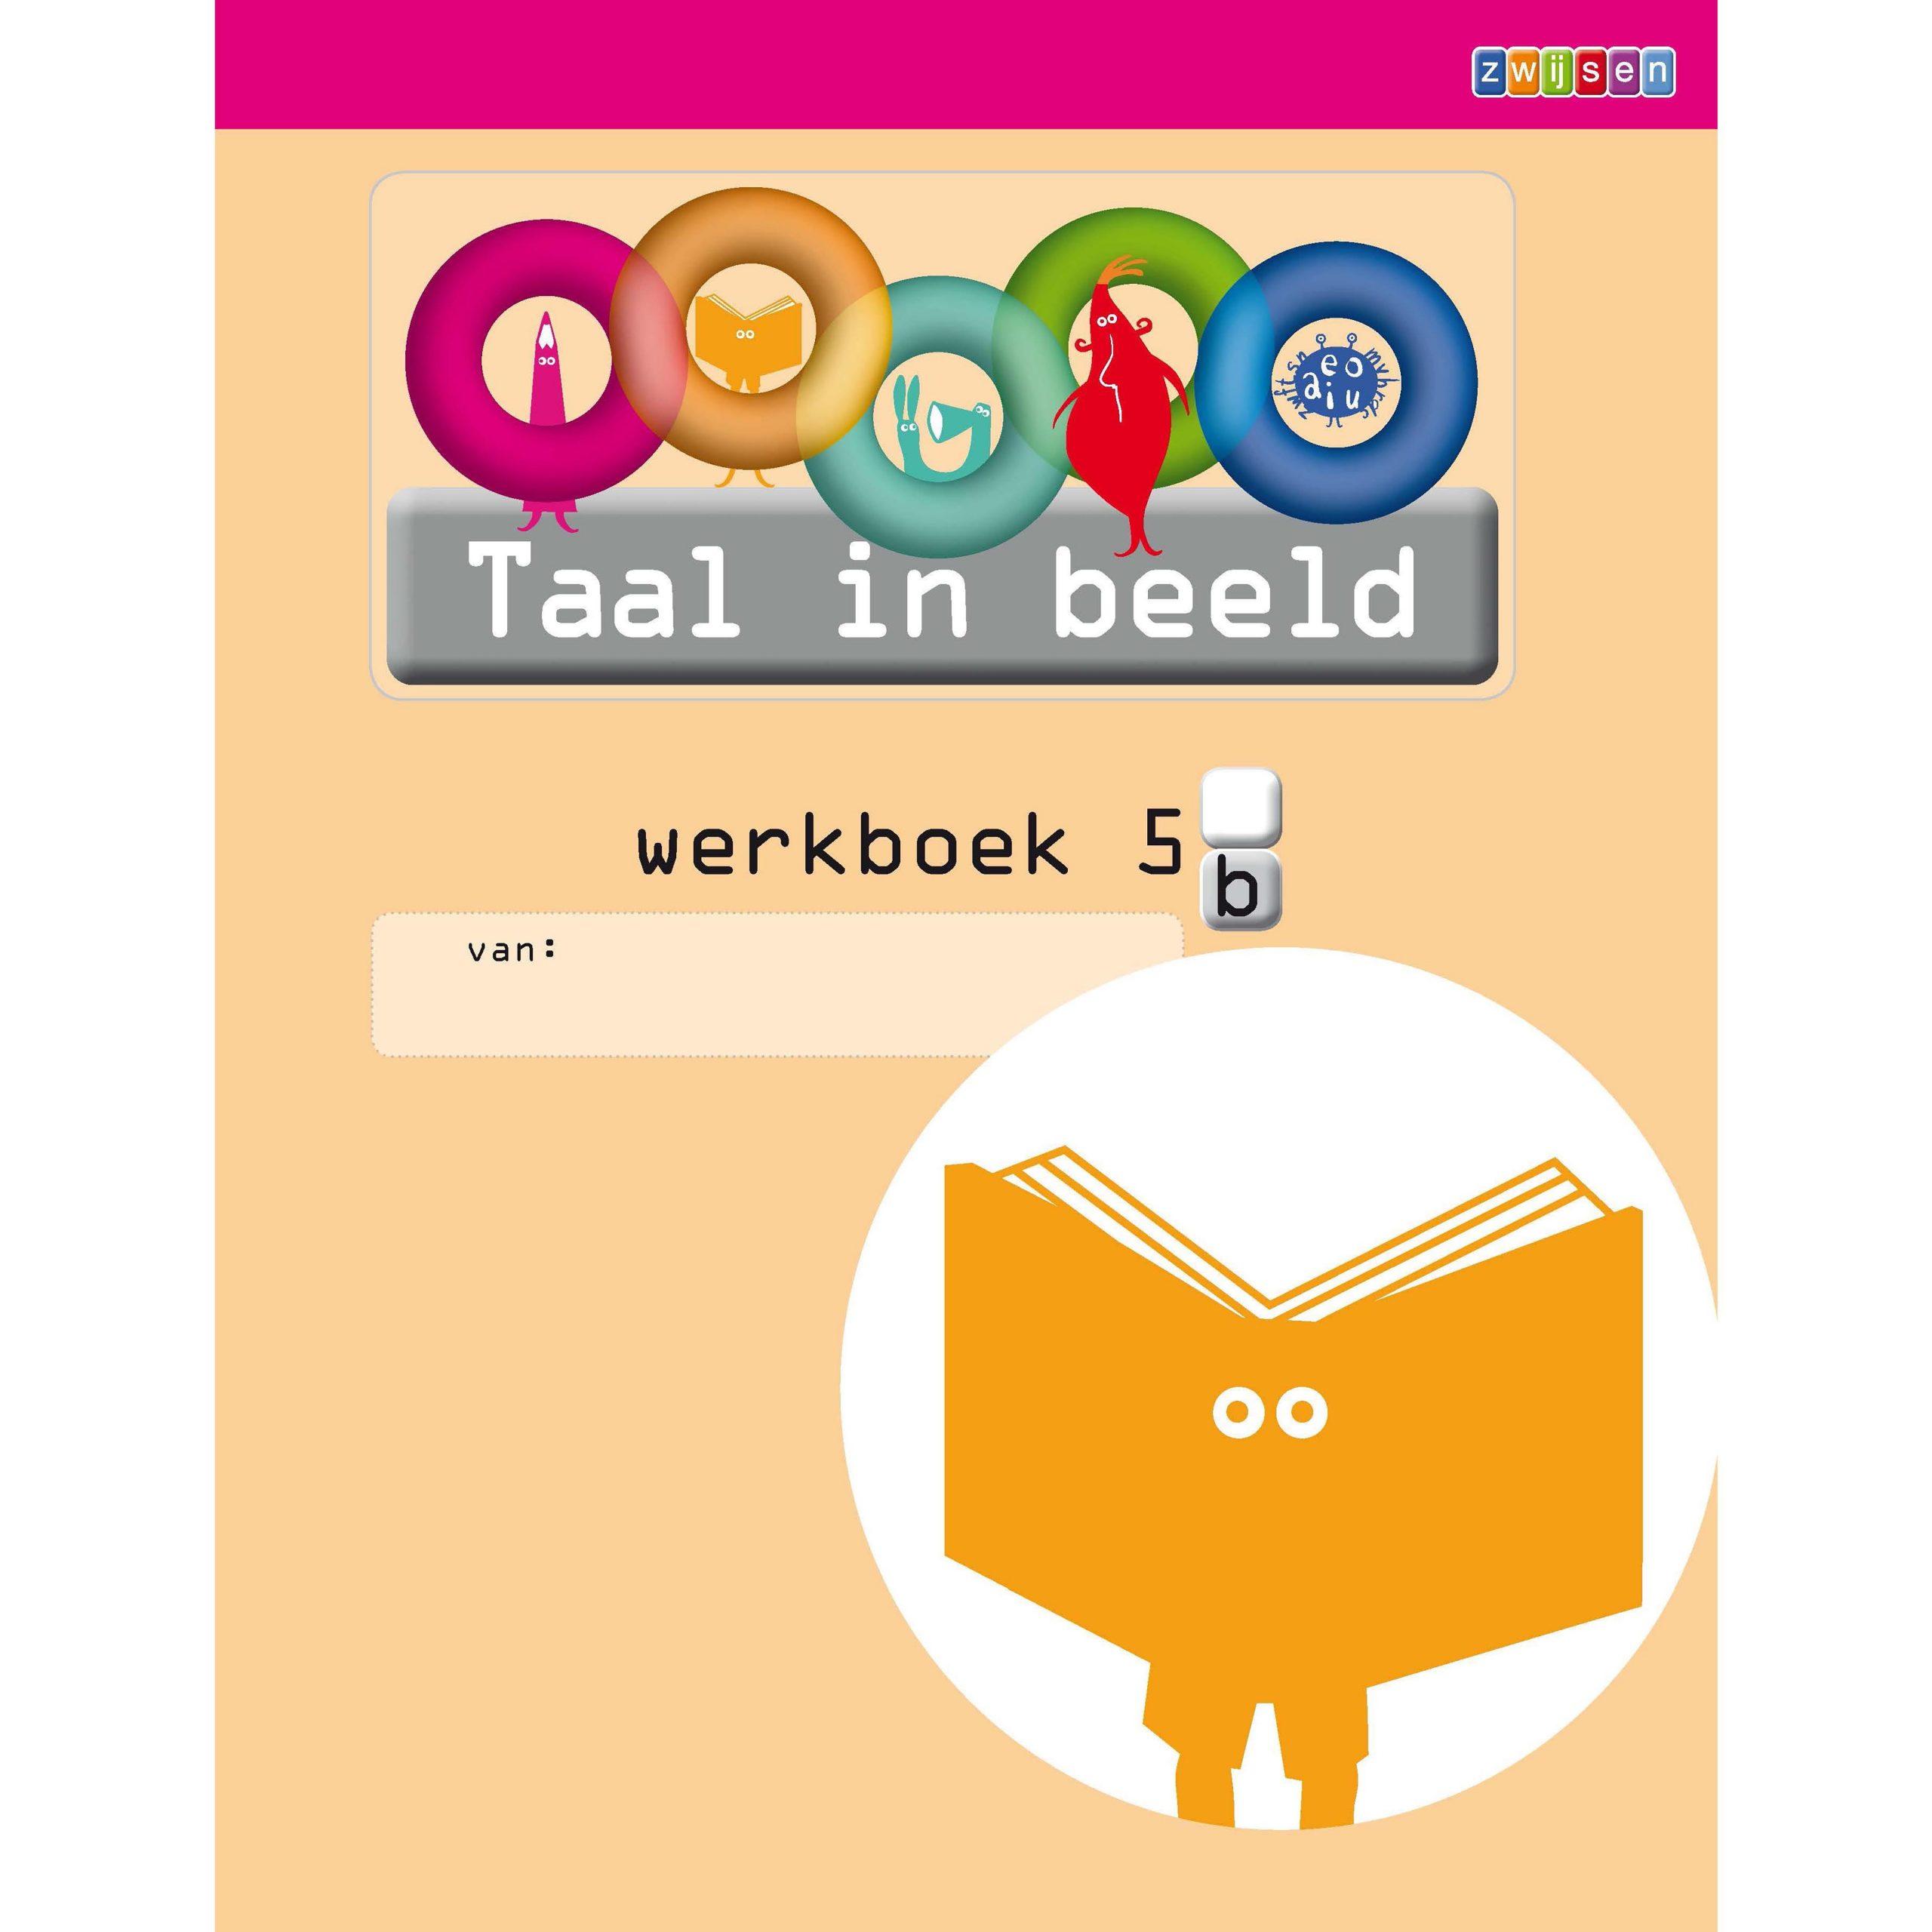 Taalwerkboek 5B, Taal in beeld